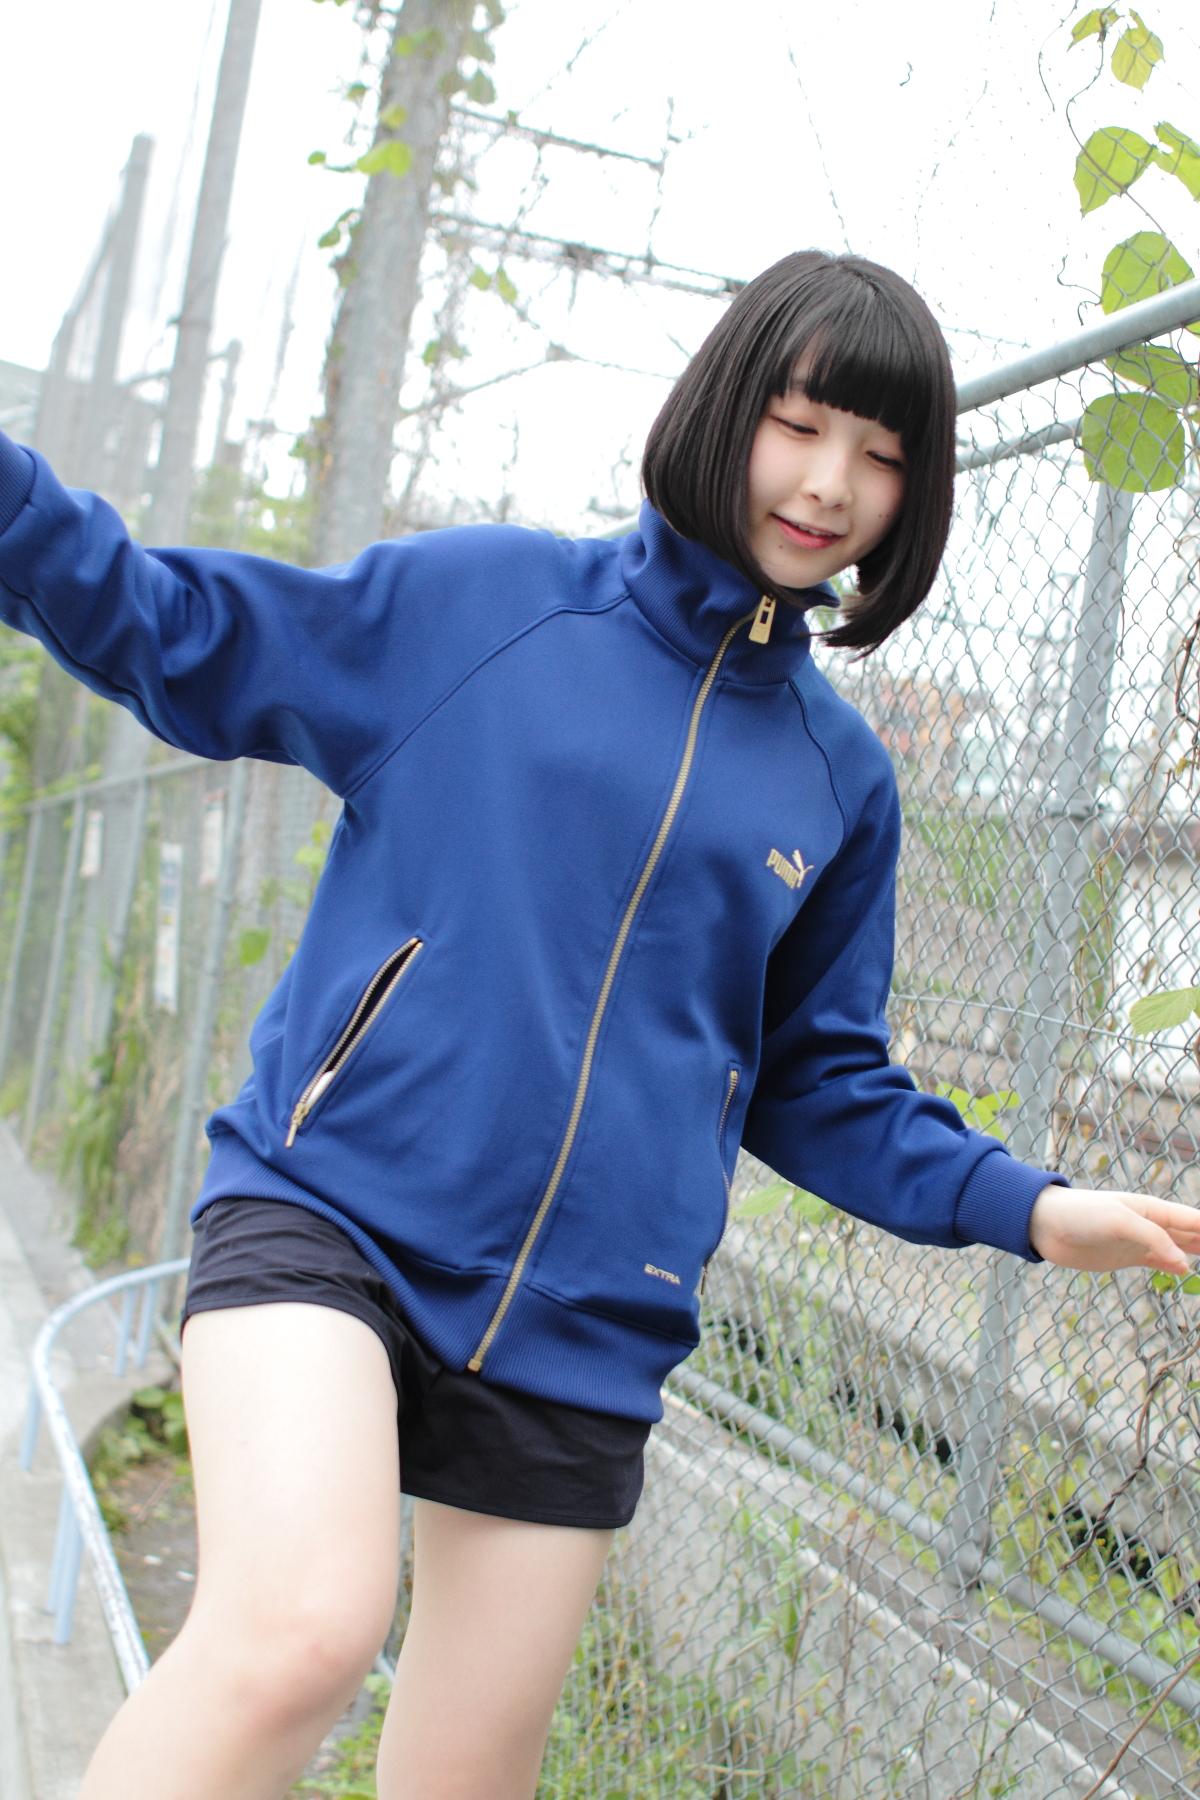 76 シバノソウ photo2